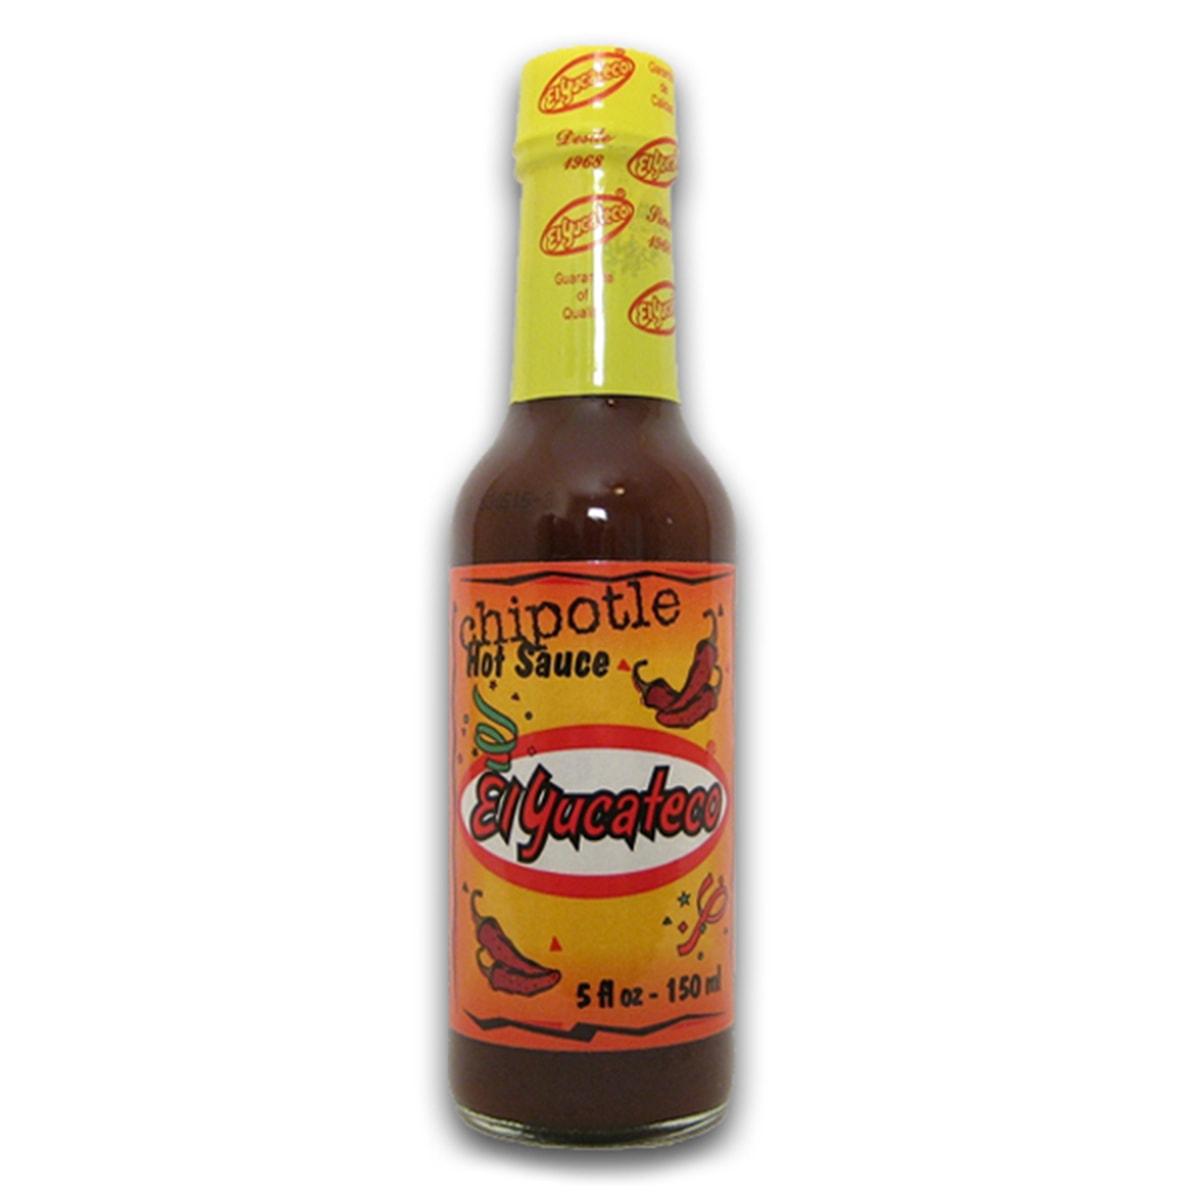 Buy El Yucateco Chipotle Hot Sauce - 150 ml